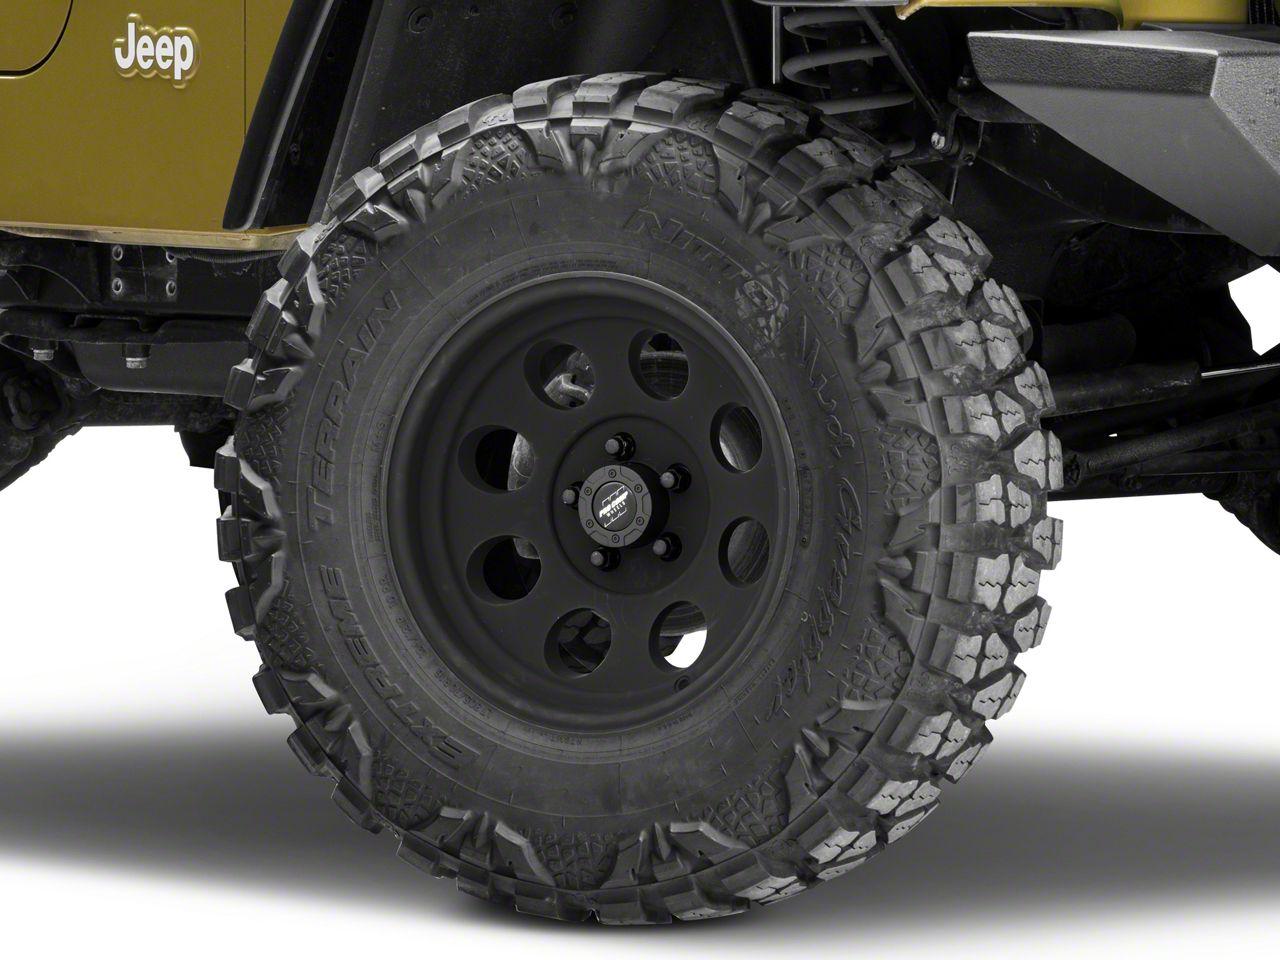 Pro Comp Wheels Series 7069 Matte Black Wheel - 16x8 (87-06 Jeep Wrangler YJ & TJ)